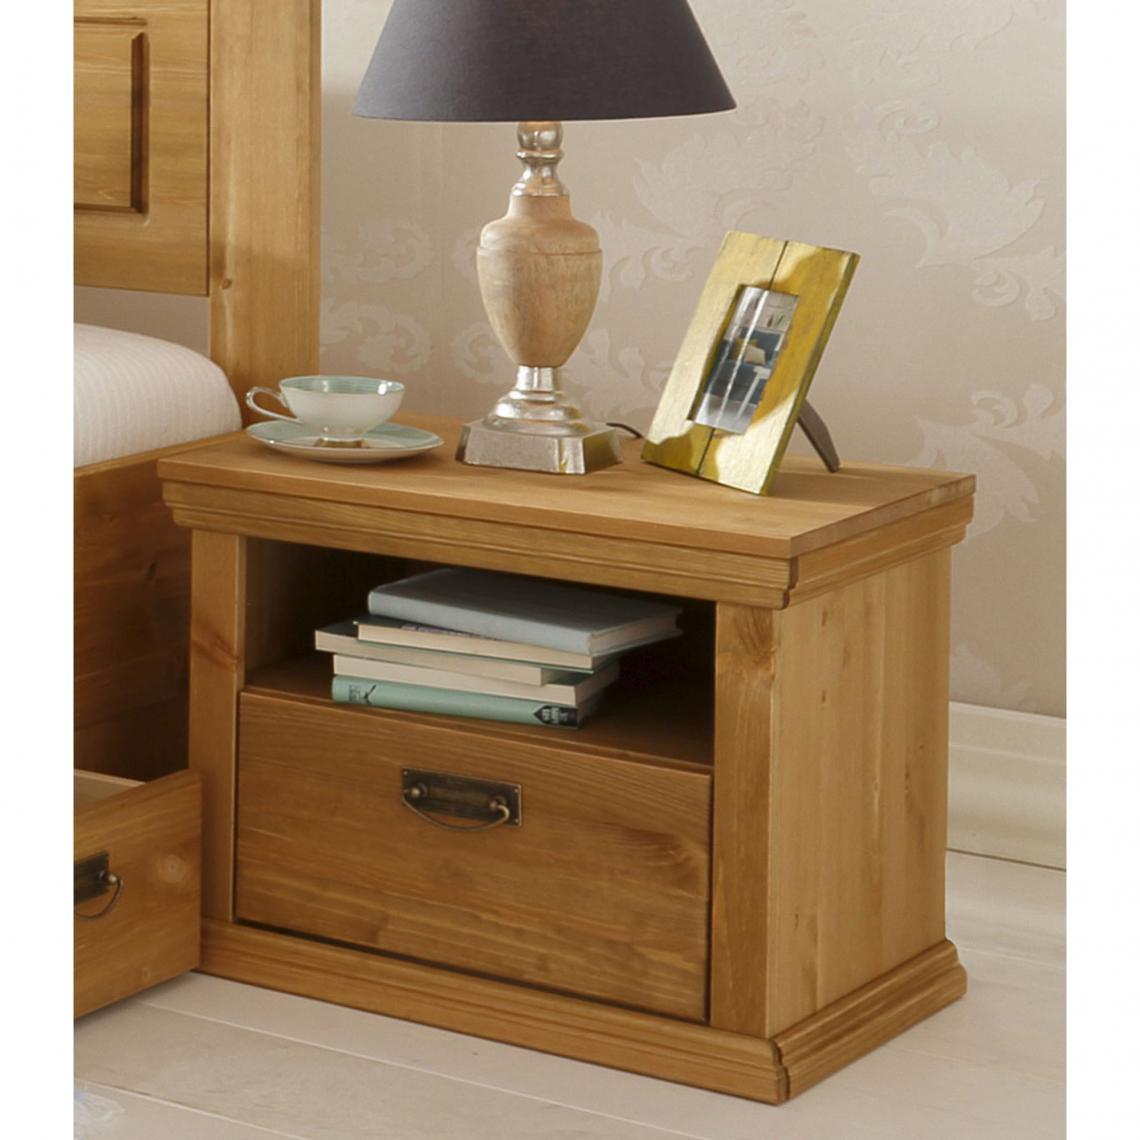 Table de chevet en pin massif madrid home affaire marron - Table de chevet classique ...